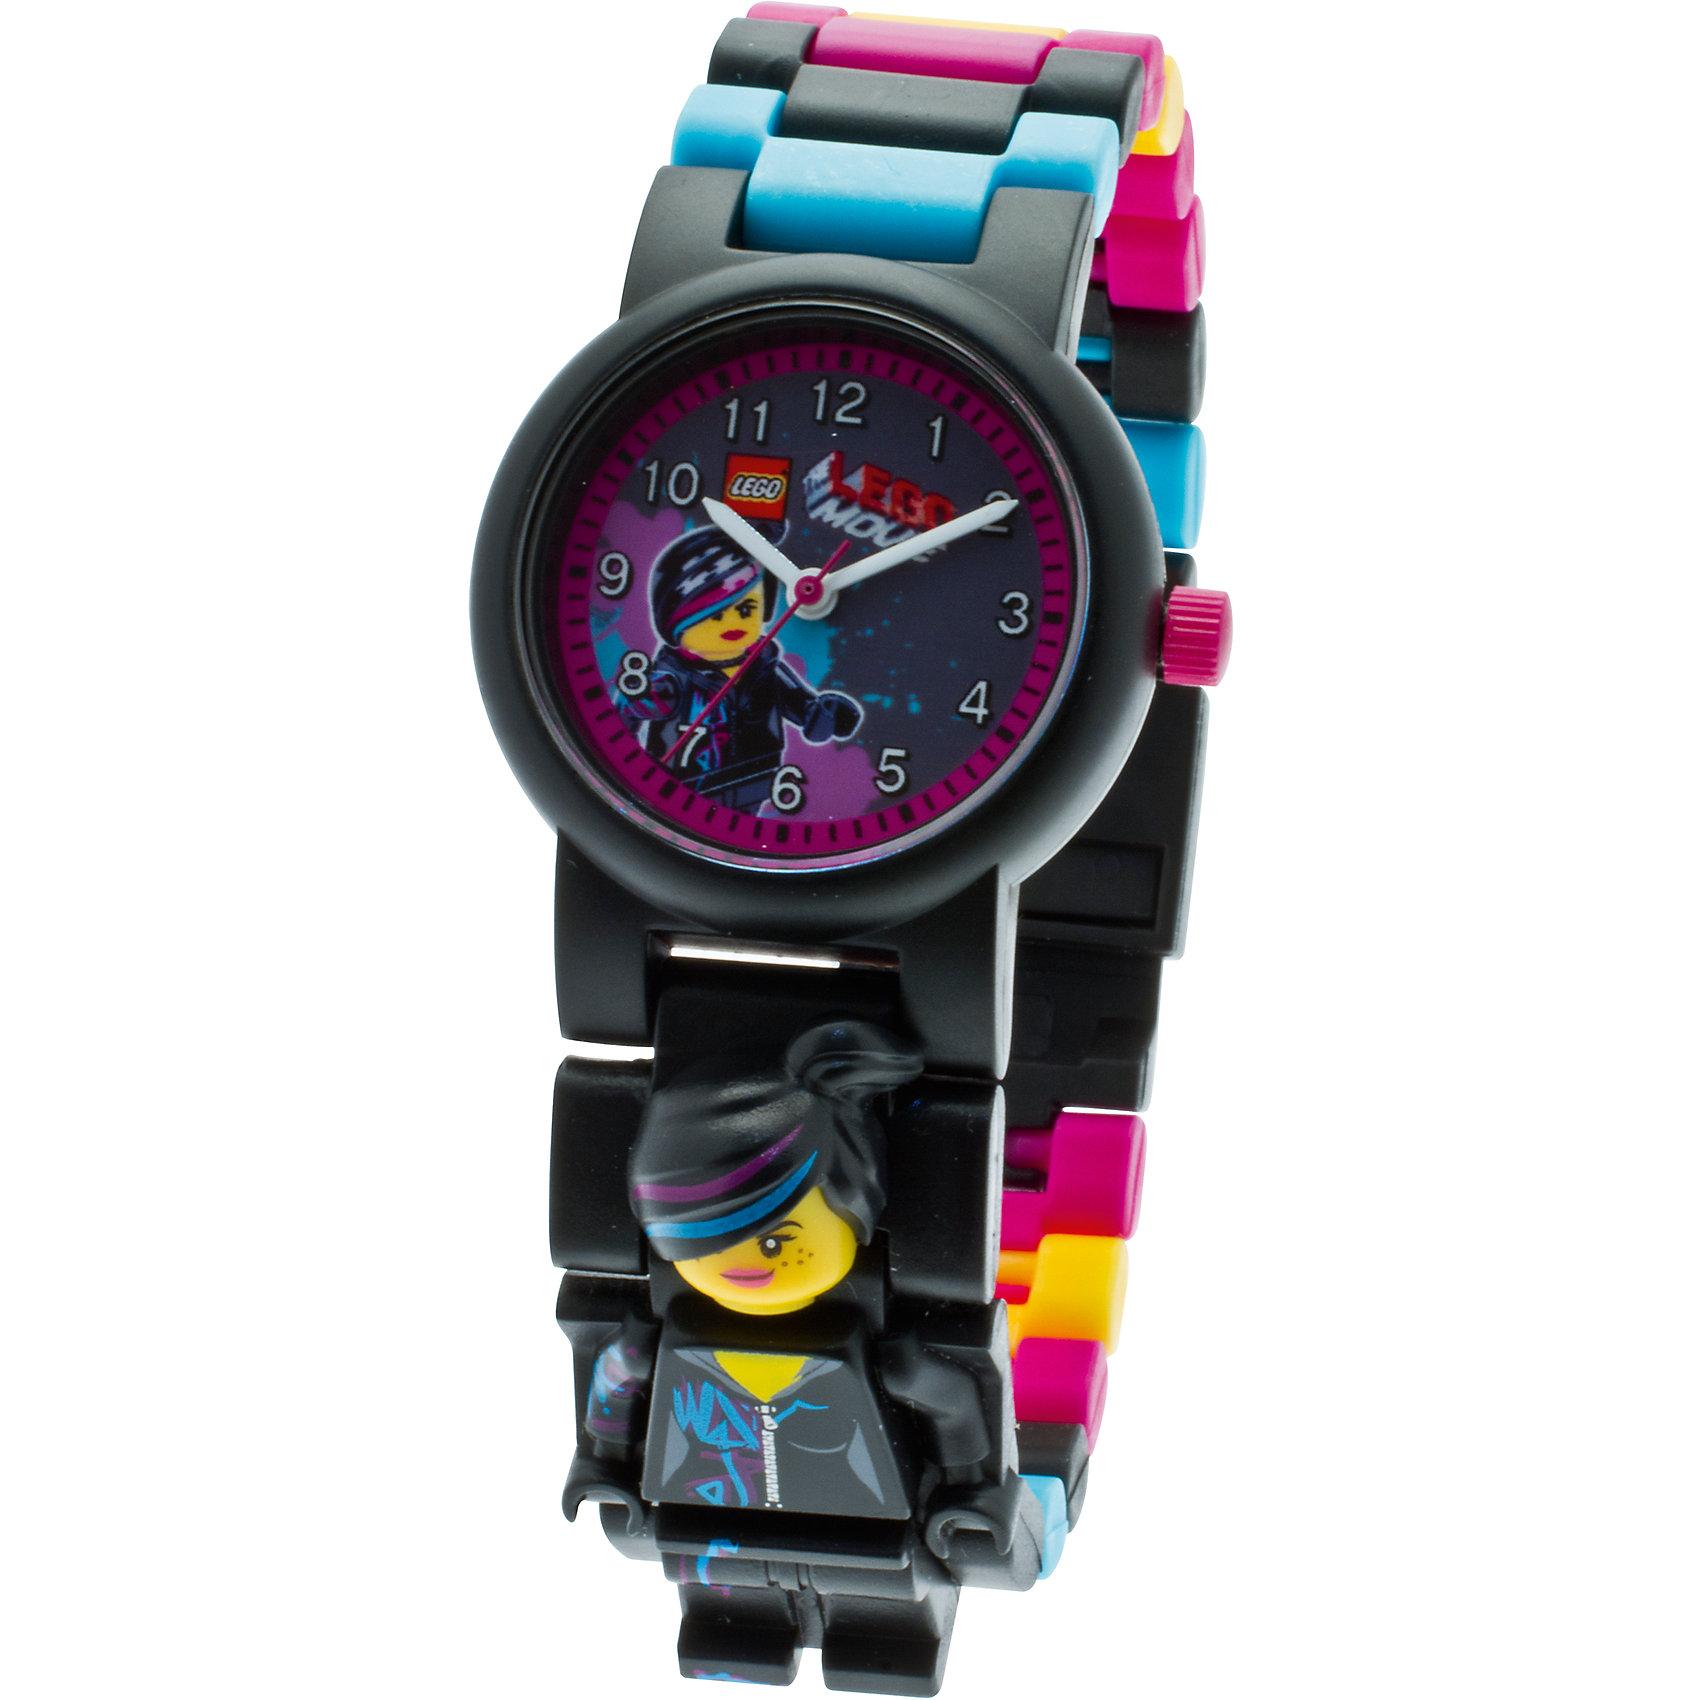 Часы наручные с минифигурой Lucy, LEGO MovieАксессуары<br>Часы наручные с минифигурой Lucy, LEGO Movie (ЛЕГО Муви) - это то, чем можно удивить и заинтересовать вашу дочку.<br>Наручные аналоговые часы LEGO имеют высококачественный японский кварцевый механизм и отличаются надежностью и точностью хода. Они способны выдержать статическое давление 50-метрового водяного столба (5 атмосфер). Такая водонепроницаемость позволяет работать с водой в часах. Нельзя использовать для ныряния, прыжков в воду, виндсерфинга и т.п. <br>Линза часов имеет высокую устойчивость к царапинам, поэтому их может носить даже самый неугомонный и неаккуратный мальчишка. Пластиковые браслеты имеют прочный механизм сцепления, а сменные секции позволяют удлинить или укоротить браслет. Часы дополнены фигуркой Люси – подружкой Эммета, главного героя мультфильма LEGO Movie. В составе часов не содержится никеля и ПВХ. Фирменные наручные часы от компании LEGO станут замечательным подарком любому любителю и фанату конструкторов.<br><br>Дополнительная информация:<br><br>- В комплект входит: часы, сменный ремешок, съемная минифигура, инструкция<br>- Диаметр циферблата наручных часов: 2,5 см.<br>- Длина ремешка наручных часов (с учетом корпуса): 21 см.<br>- Ширина ремешка: 2 см.<br>- Количество деталей: 24<br>- Материал: пластик, металл, стекло<br>- Размер упаковки: 8,0 х 2,0 х 16,5 см.<br>- Вес: 0,05 кг.<br>- Для работы требуется 1 батарейка SR626SW, входит в комплект<br>- Изготовитель: Китай<br>- Рекомендуемый возраст: от 6 лет<br><br>Часы наручные с минифигурой Lucy, LEGO Movie (ЛЕГО Муви) можно купить в нашем интернет-магазине.<br><br>Ширина мм: 80<br>Глубина мм: 165<br>Высота мм: 20<br>Вес г: 100<br>Возраст от месяцев: 36<br>Возраст до месяцев: 84<br>Пол: Женский<br>Возраст: Детский<br>SKU: 3667791